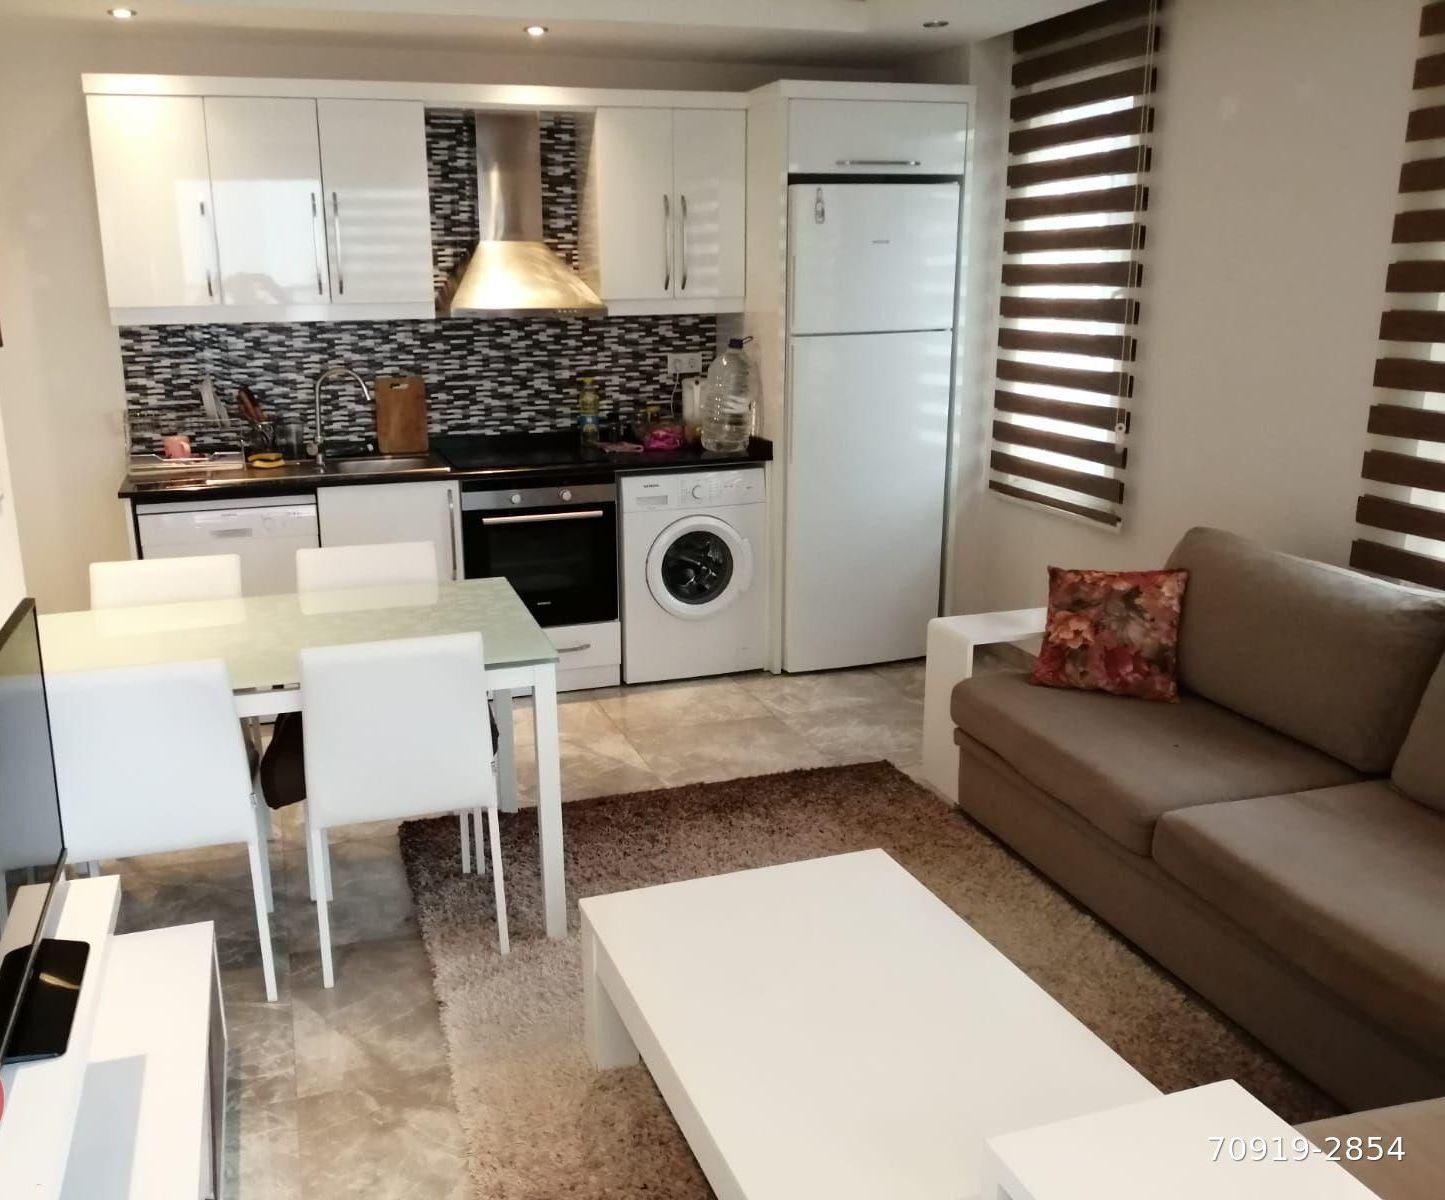 Квартира 1+1 — Оба, Аланья, недвижимость в Турции